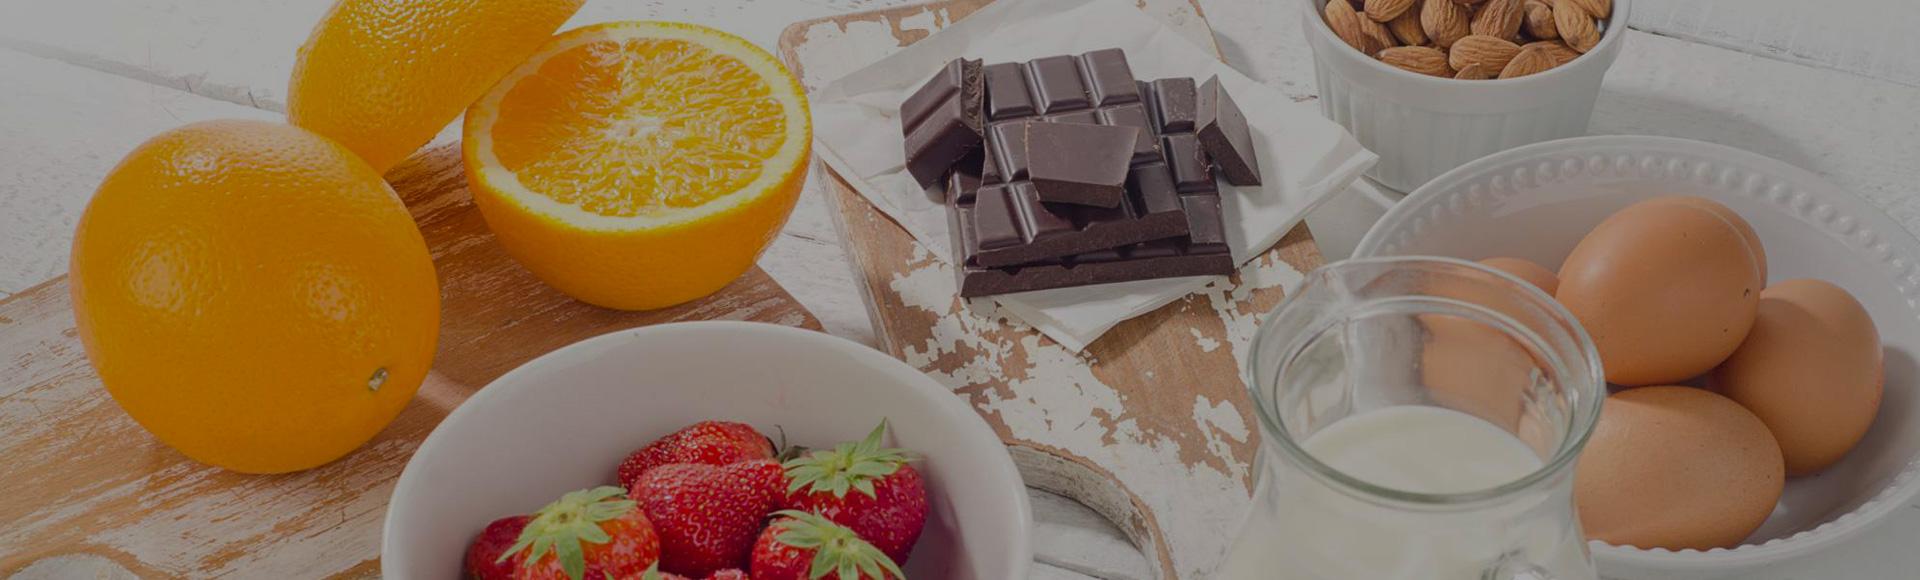 Test intolleranza alimentare - Farmacia Morlotti